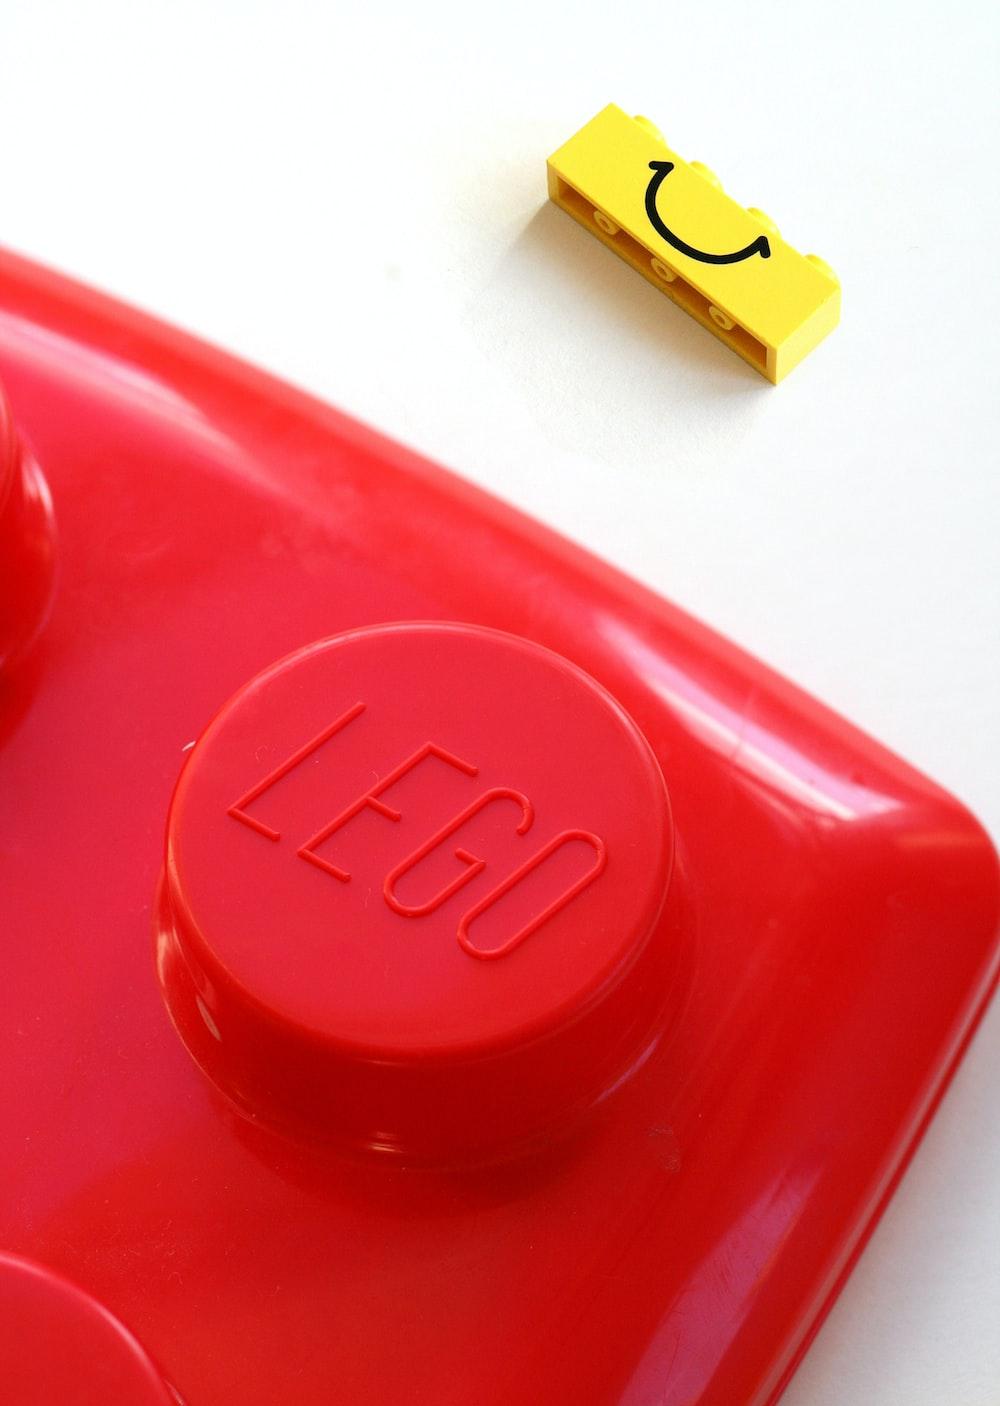 LEGO toy button